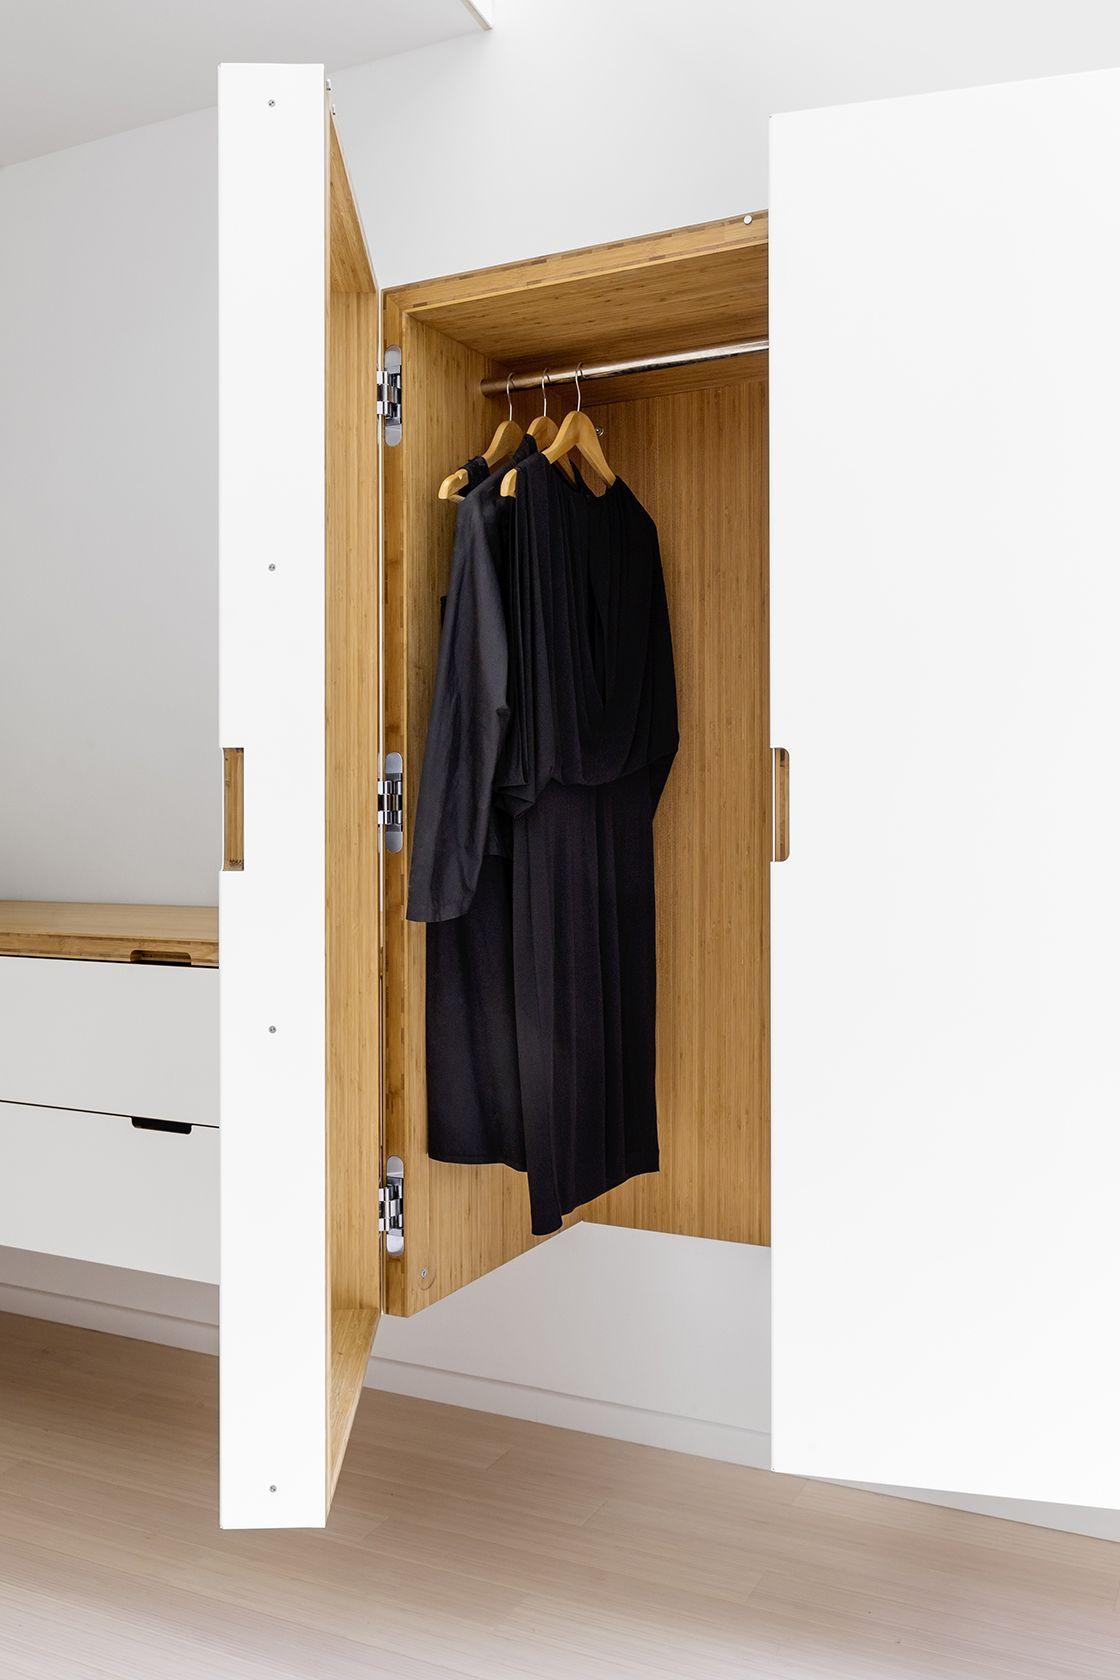 dressing bois et acier en prolongement de l'escalier avec large